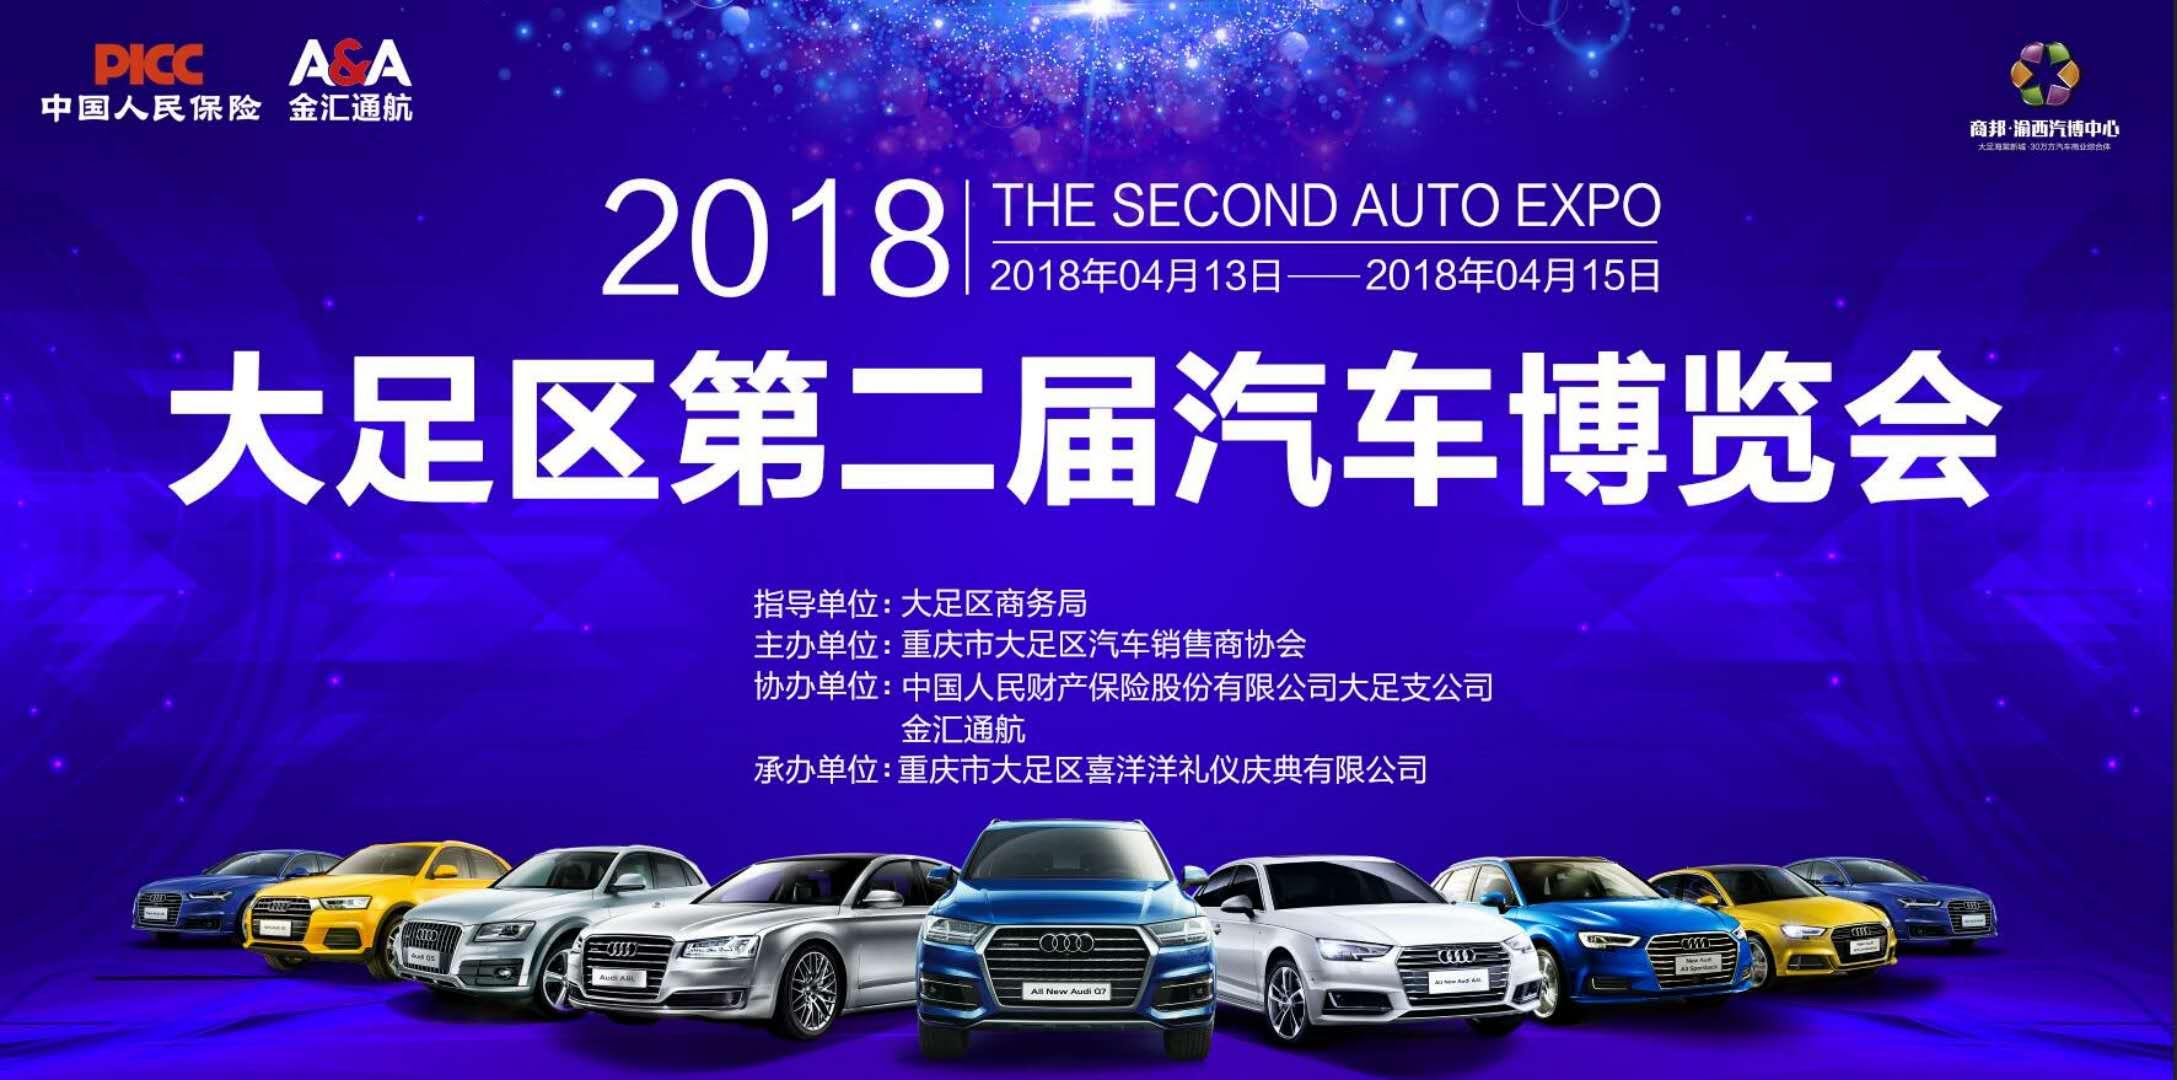 大足区第二届汽车博览会